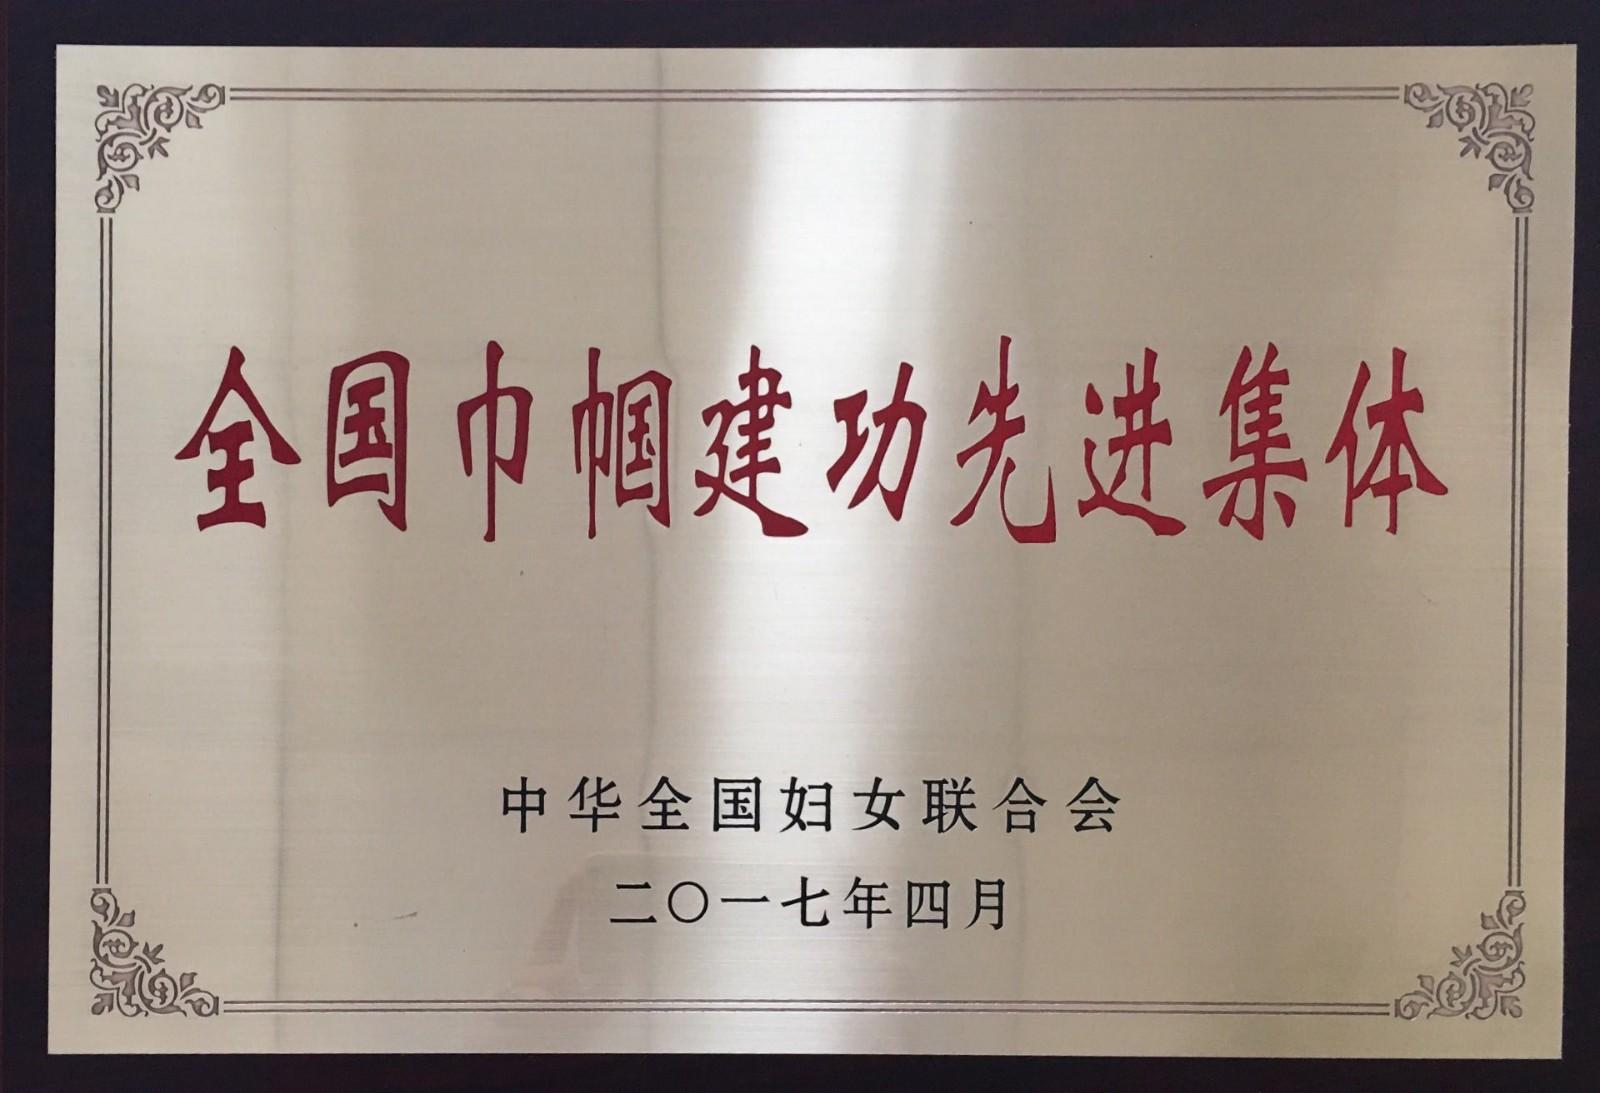 全国巾帼建功先进集体.JPG